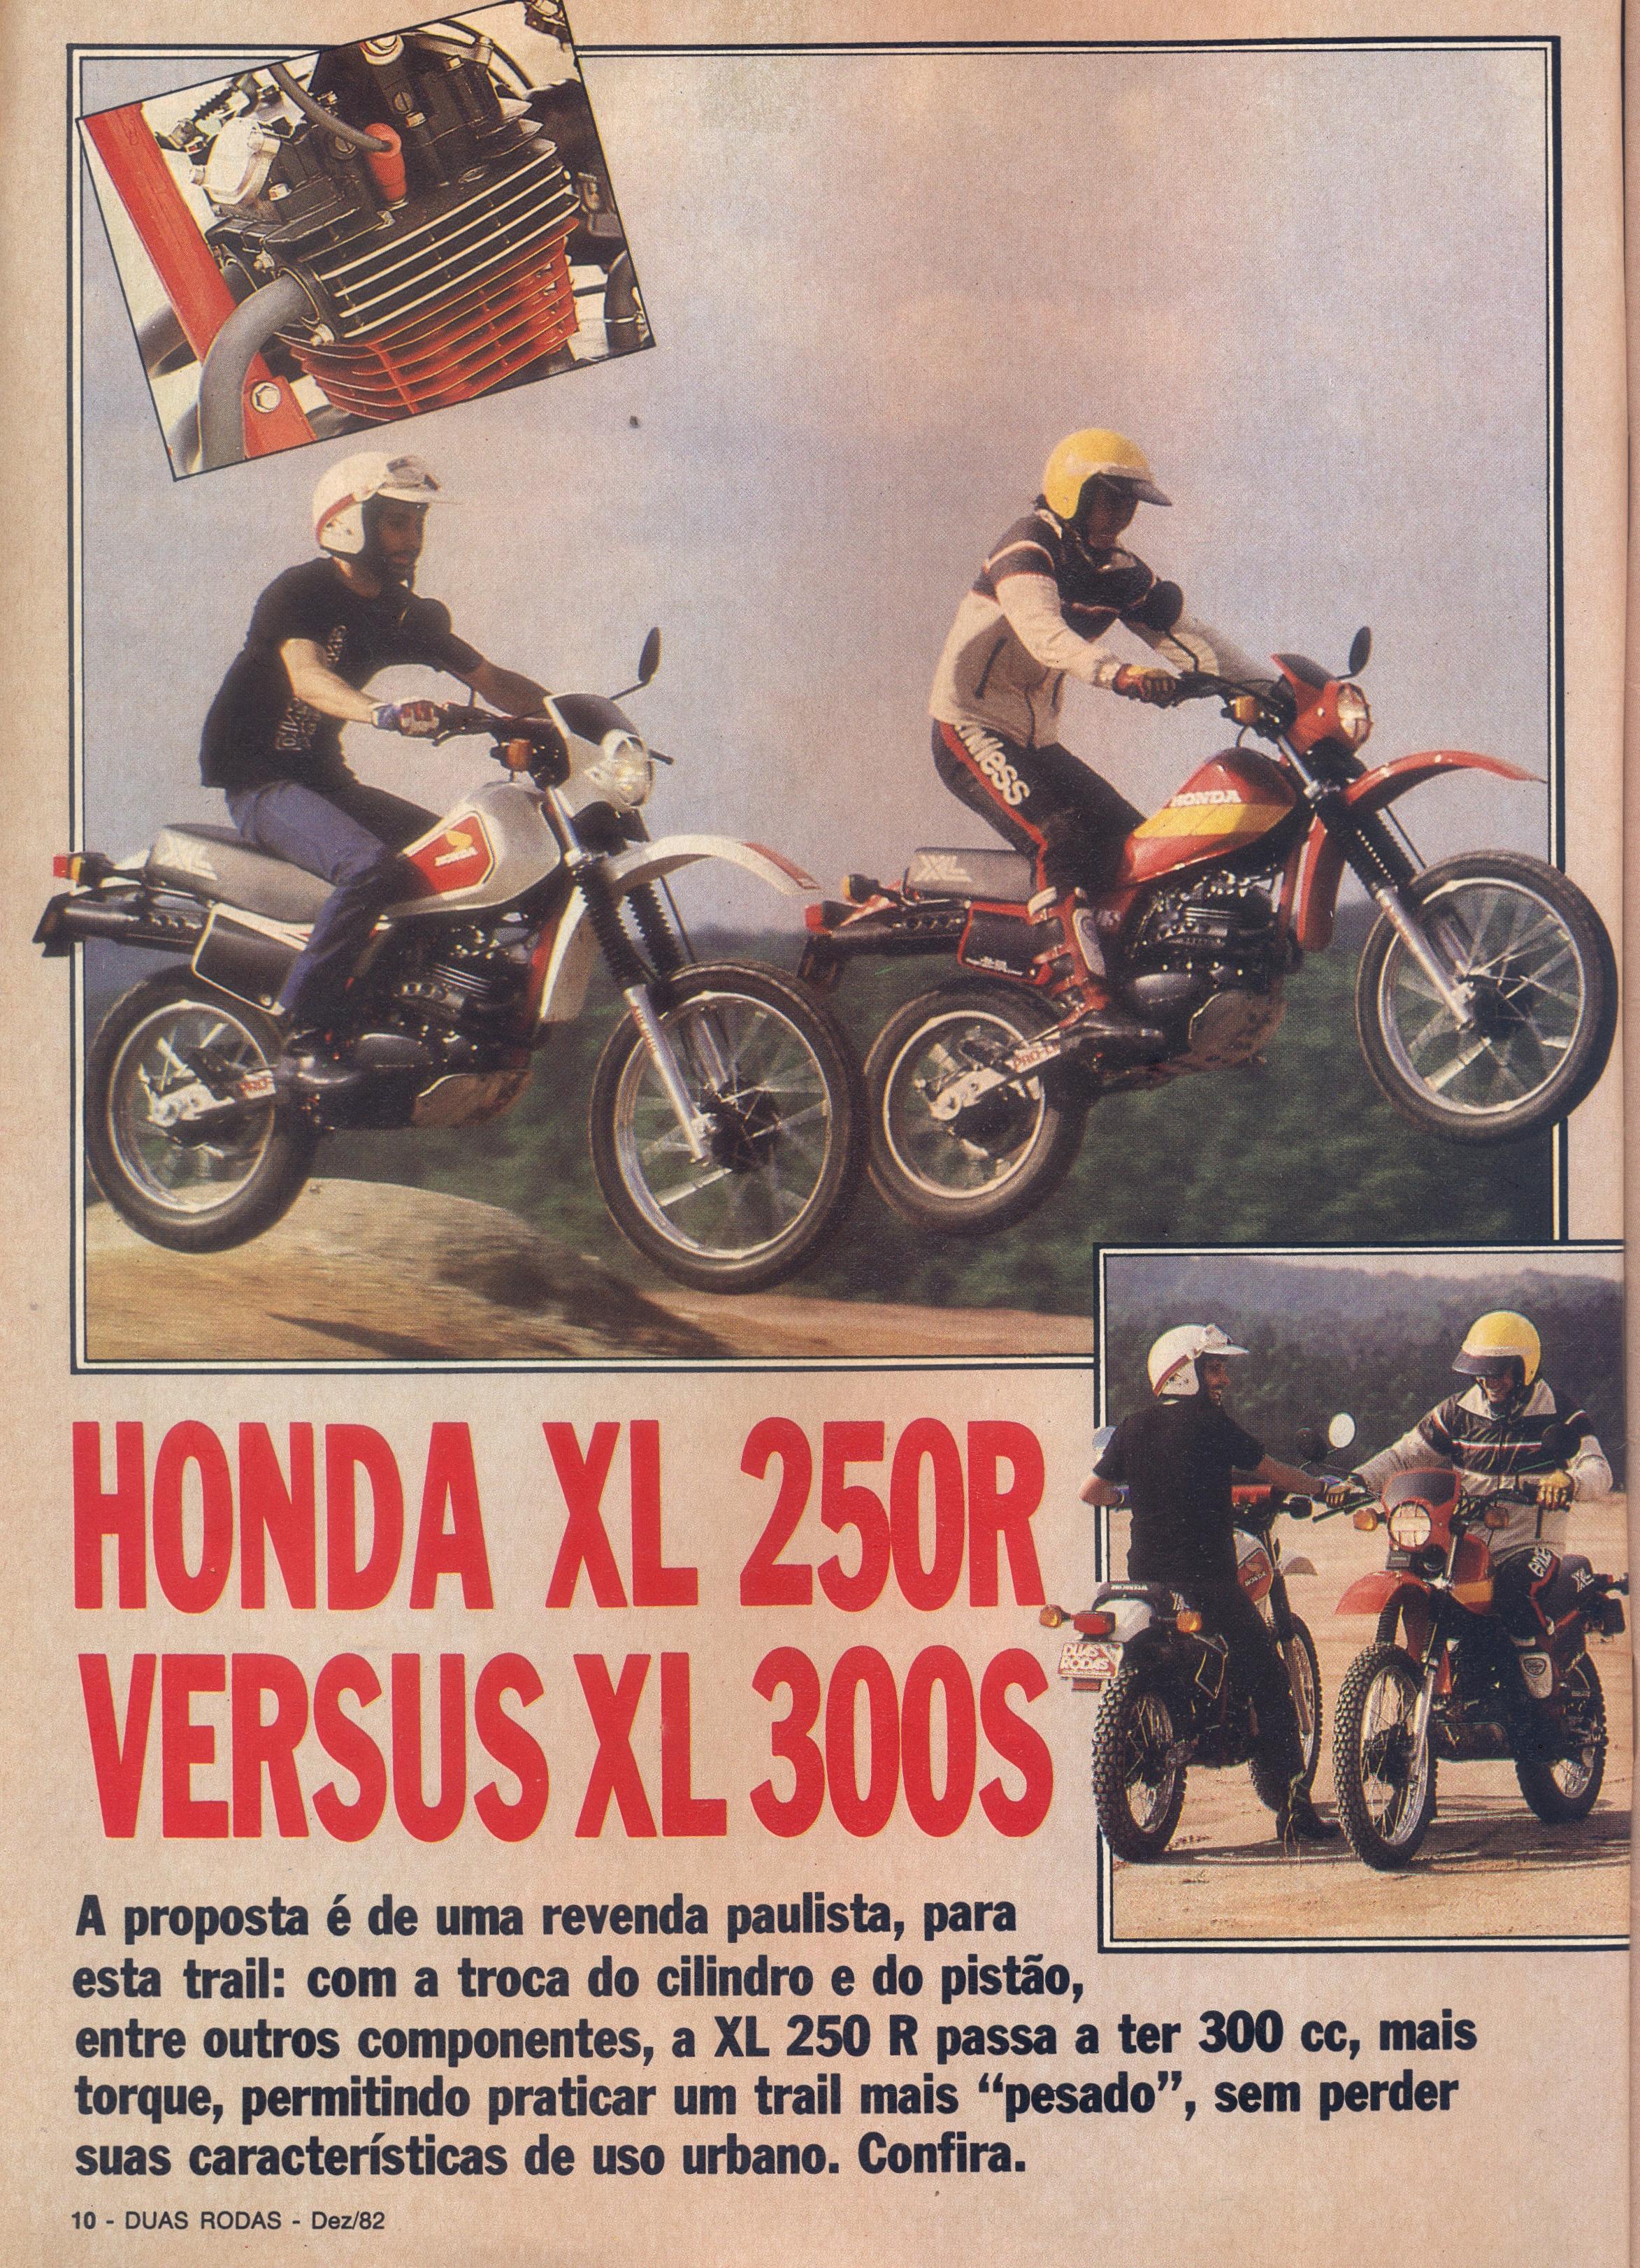 Gabriel Marazzi (XL 250) e Carlãozinho Coachman (XL 300) em teste para a edição de Dezembro de 1982 da Revista Duas Rodas (Fotos Mario Bock - Reprodução Duas Rodas / Motostory)